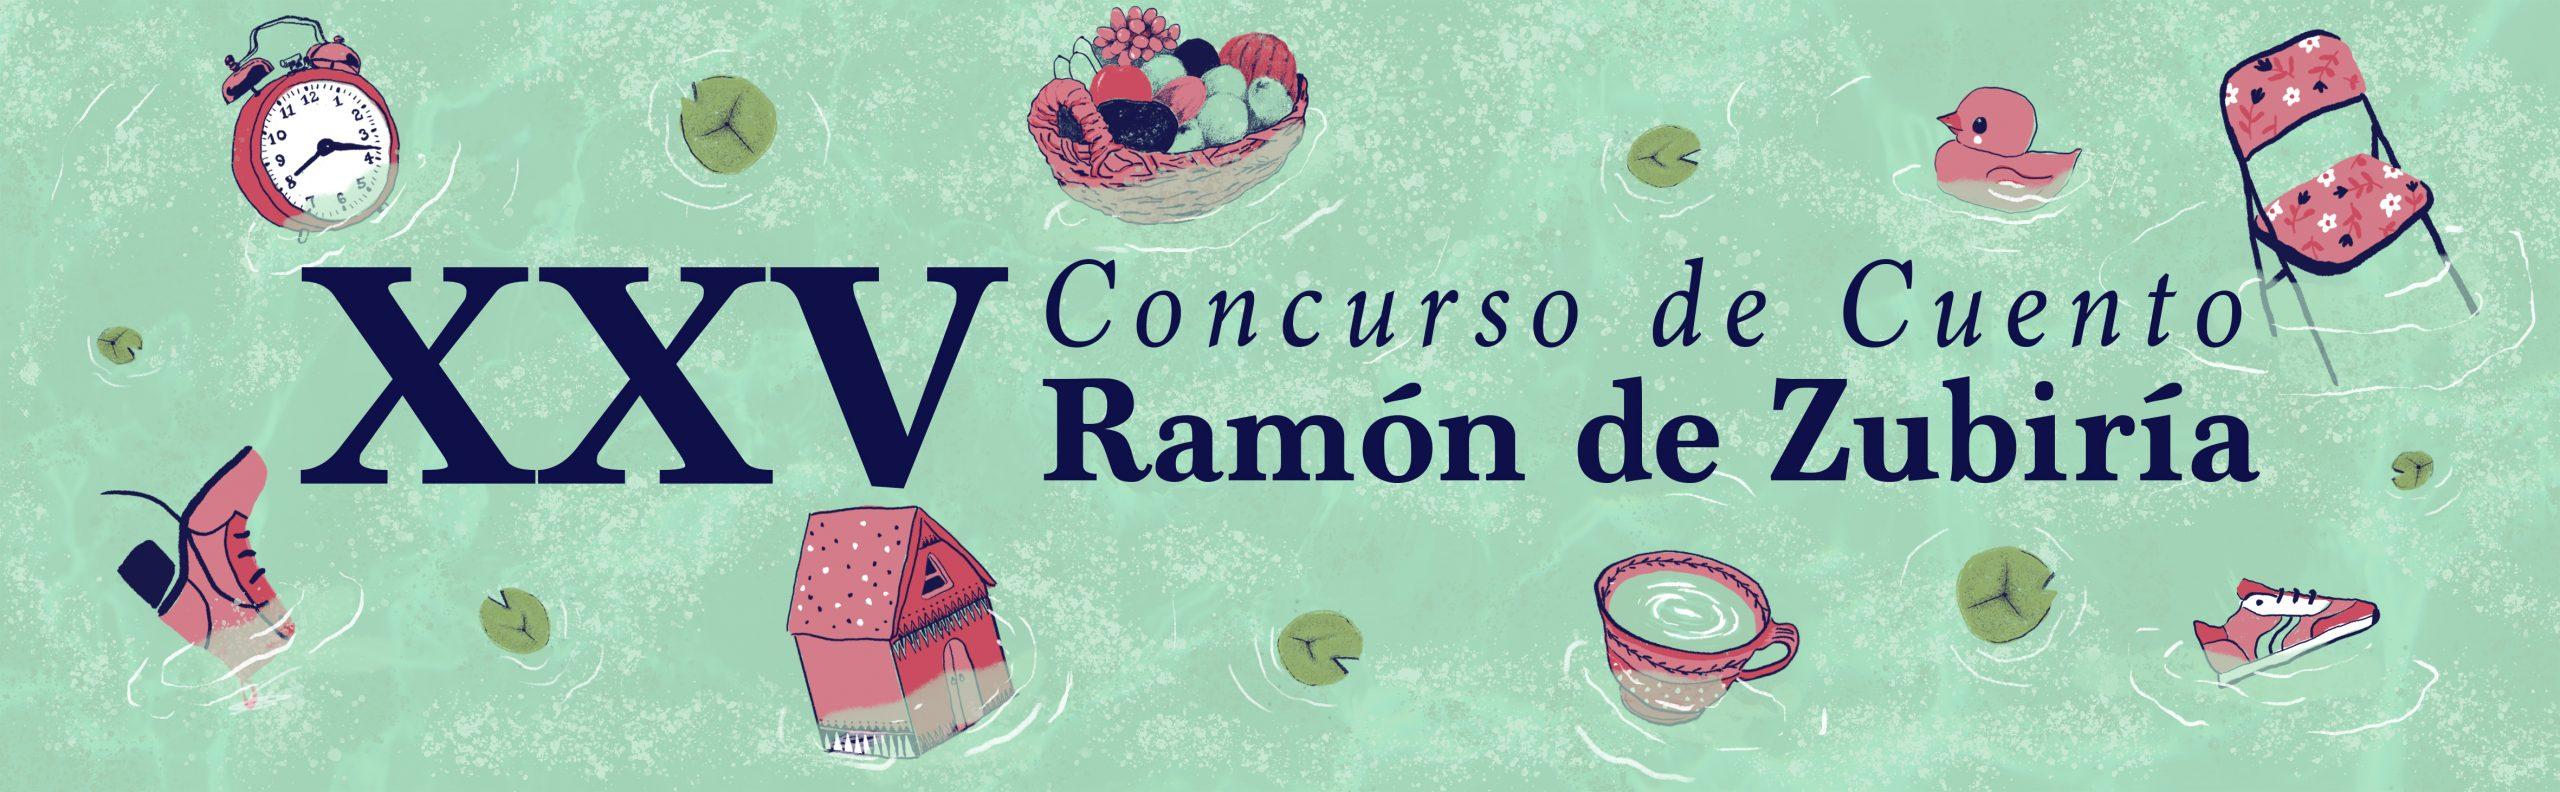 XXV Concurso de cuento Ramón de Zubiría